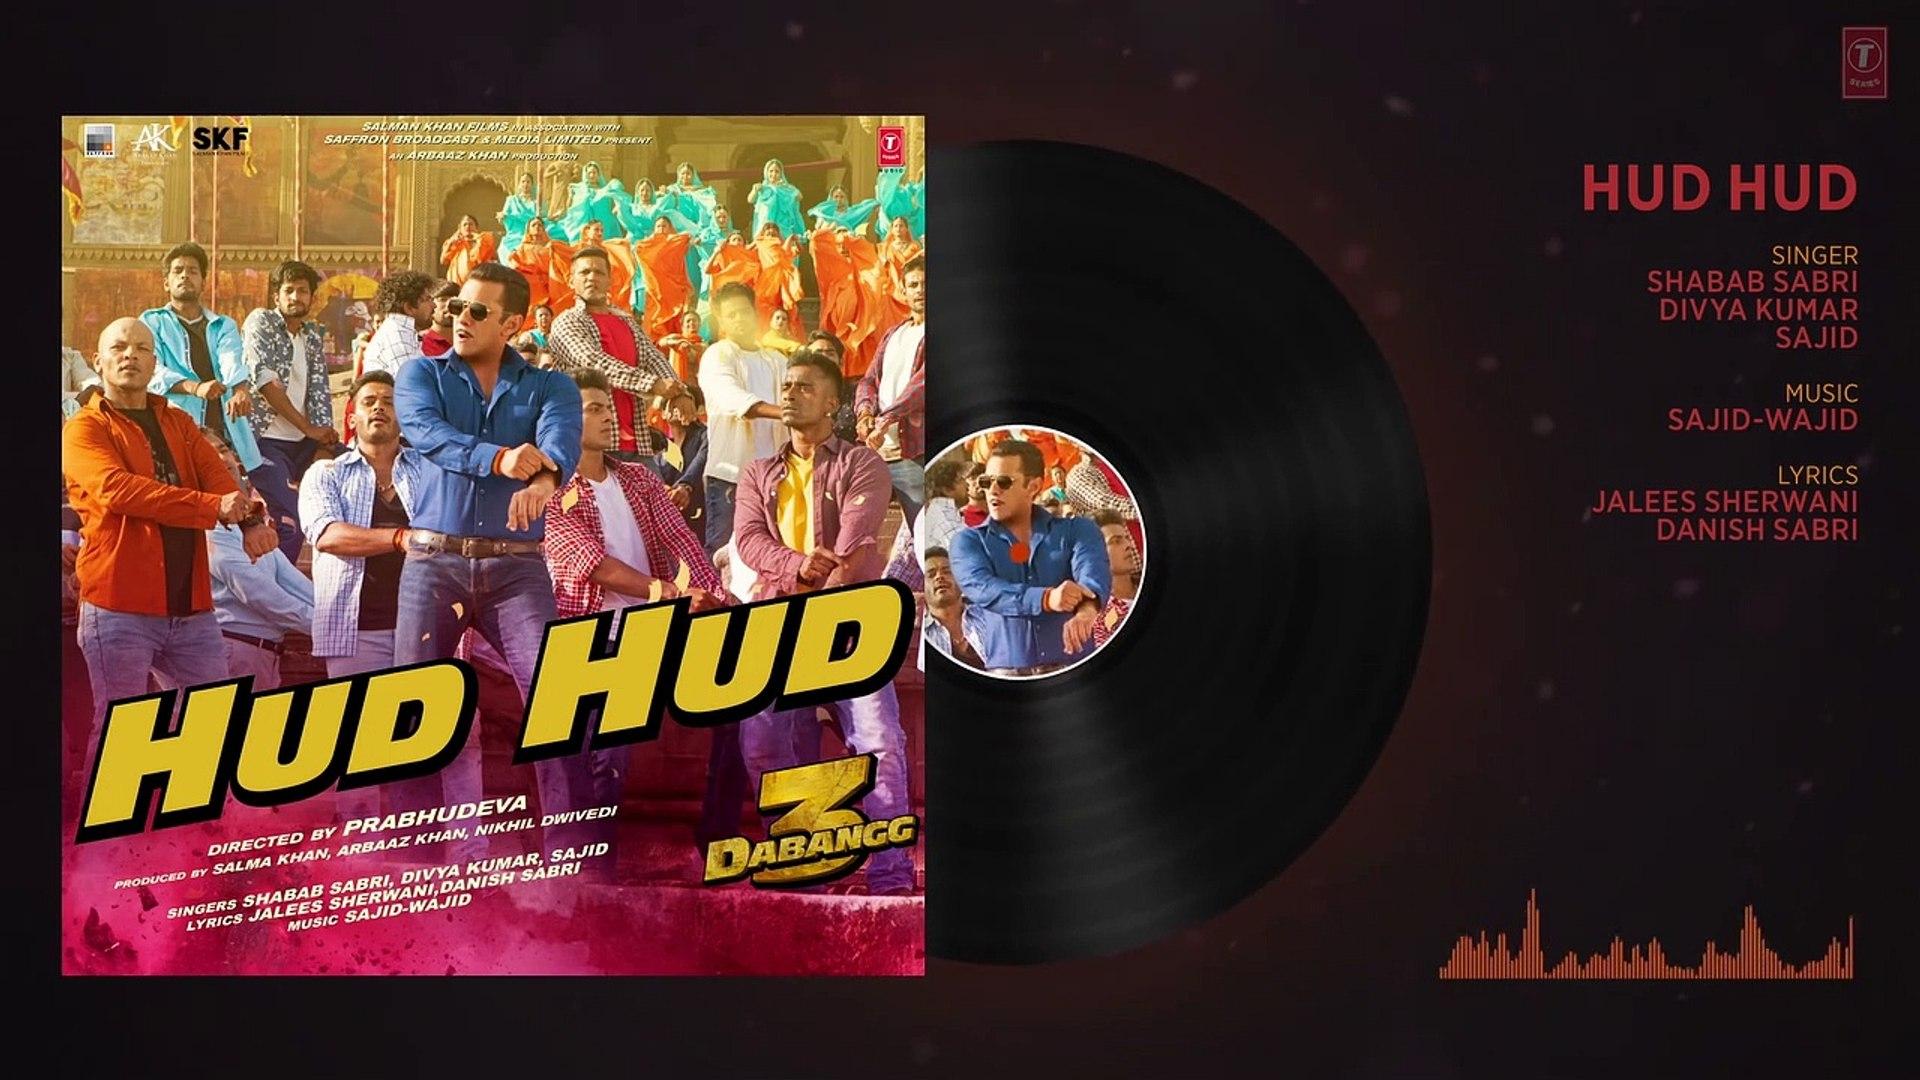 Dabangg 3: Hud Hud Song | Salman Khan | Sonakshi Sinha |Divya Kumar,Shabab | Sajid Wajid | Flixaap